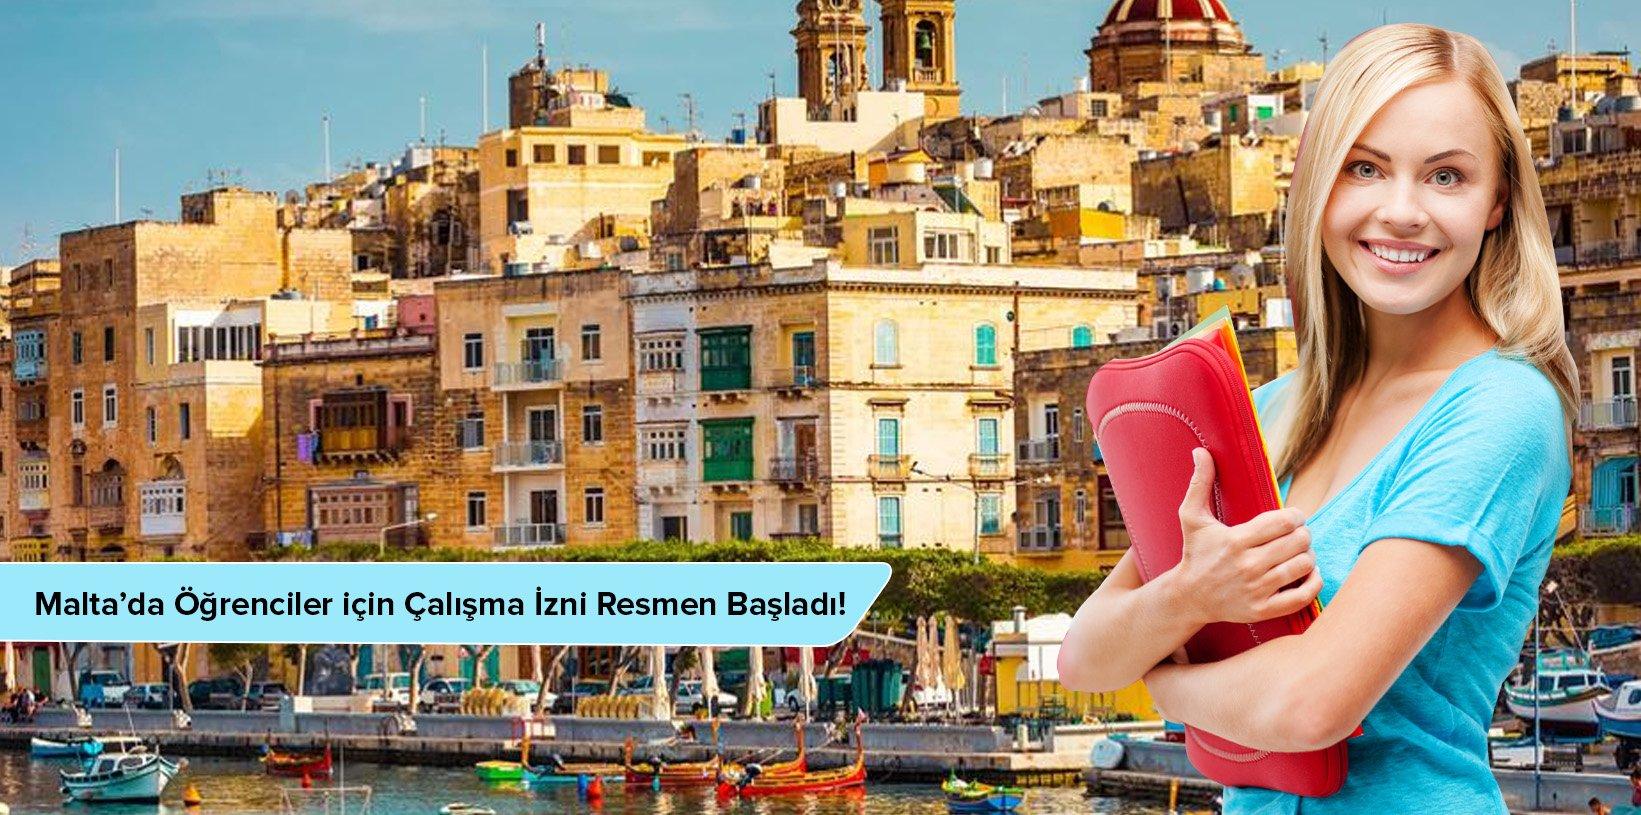 Malta'da Öğrenciler için Çalışma İzni Resmen Başladı!